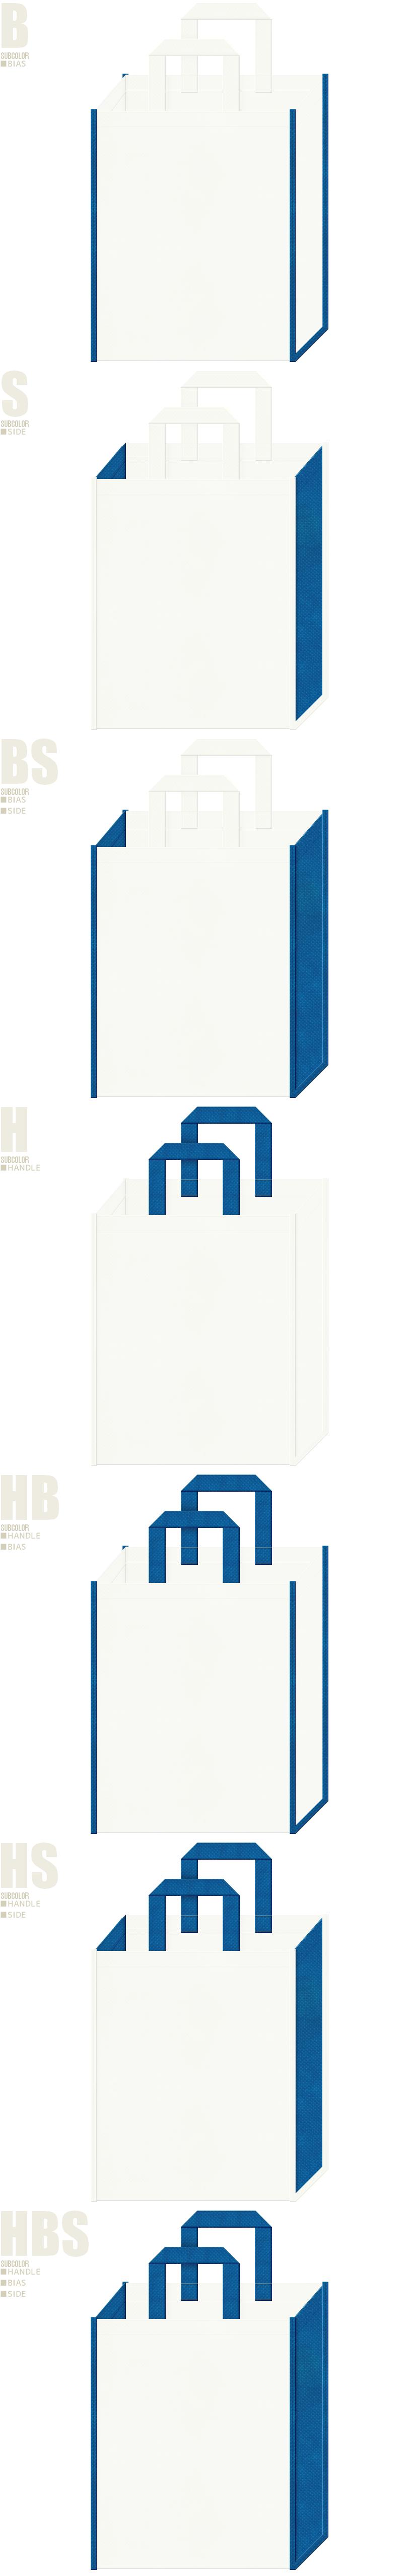 水と環境・水資源・CO2削減・環境セミナー・環境イベント・ボート・ヨット・飛行機・IT・AI・LED・IOT・センサー・電子部品・ロボット・ラジコン・水素自動車・ドライブレコーダー・防犯カメラ・セキュリティグッズの展示会用バッグにお奨めの不織布バッグデザイン:オフホワイト色と青色の不織布バッグ配色7パターン